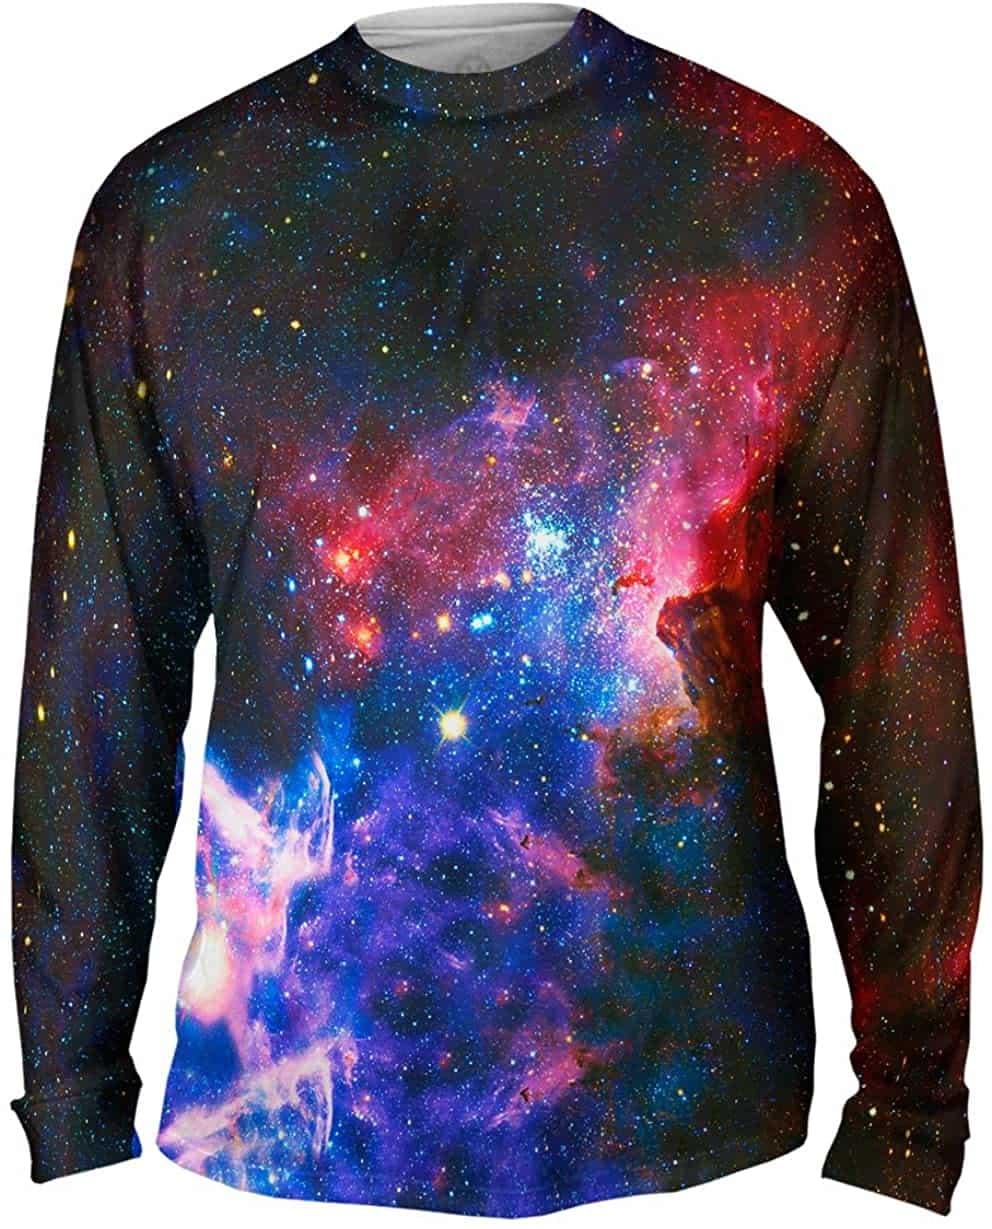 Yizzam- Carina Nebula Galaxy Tshirt